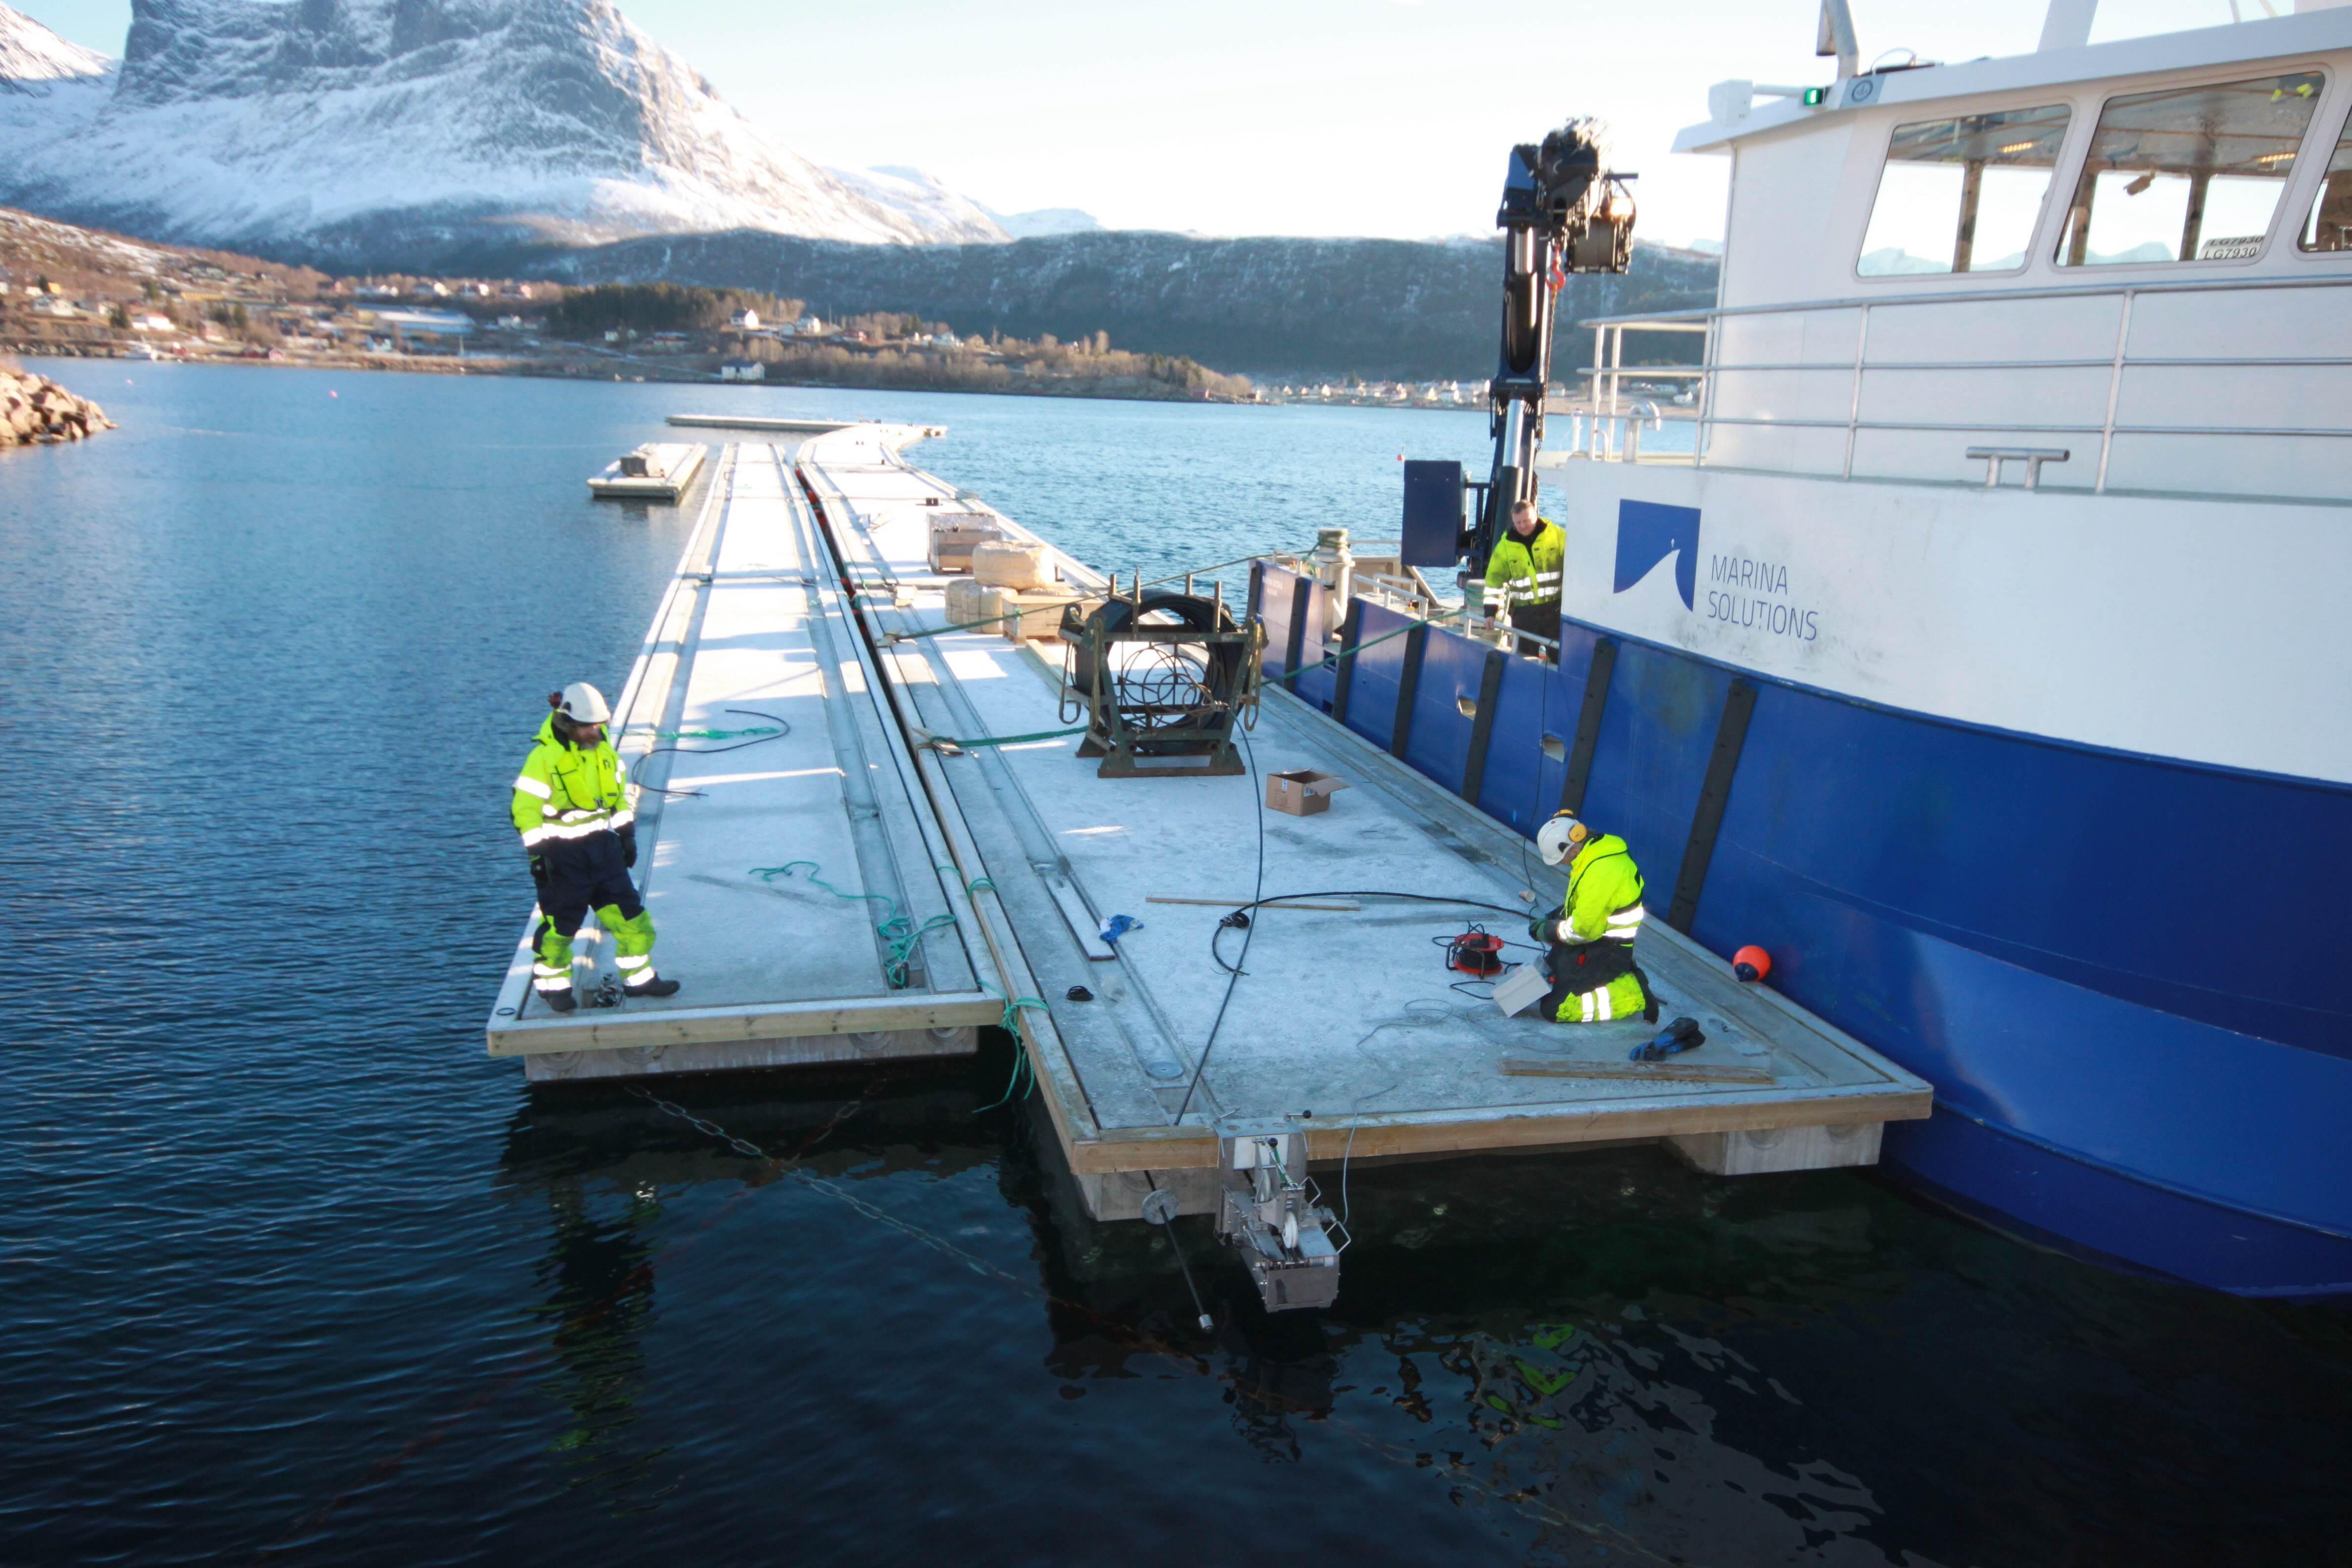 https://marinasolutions.no/uploads/Ørnes-Båtforening-3.jpg